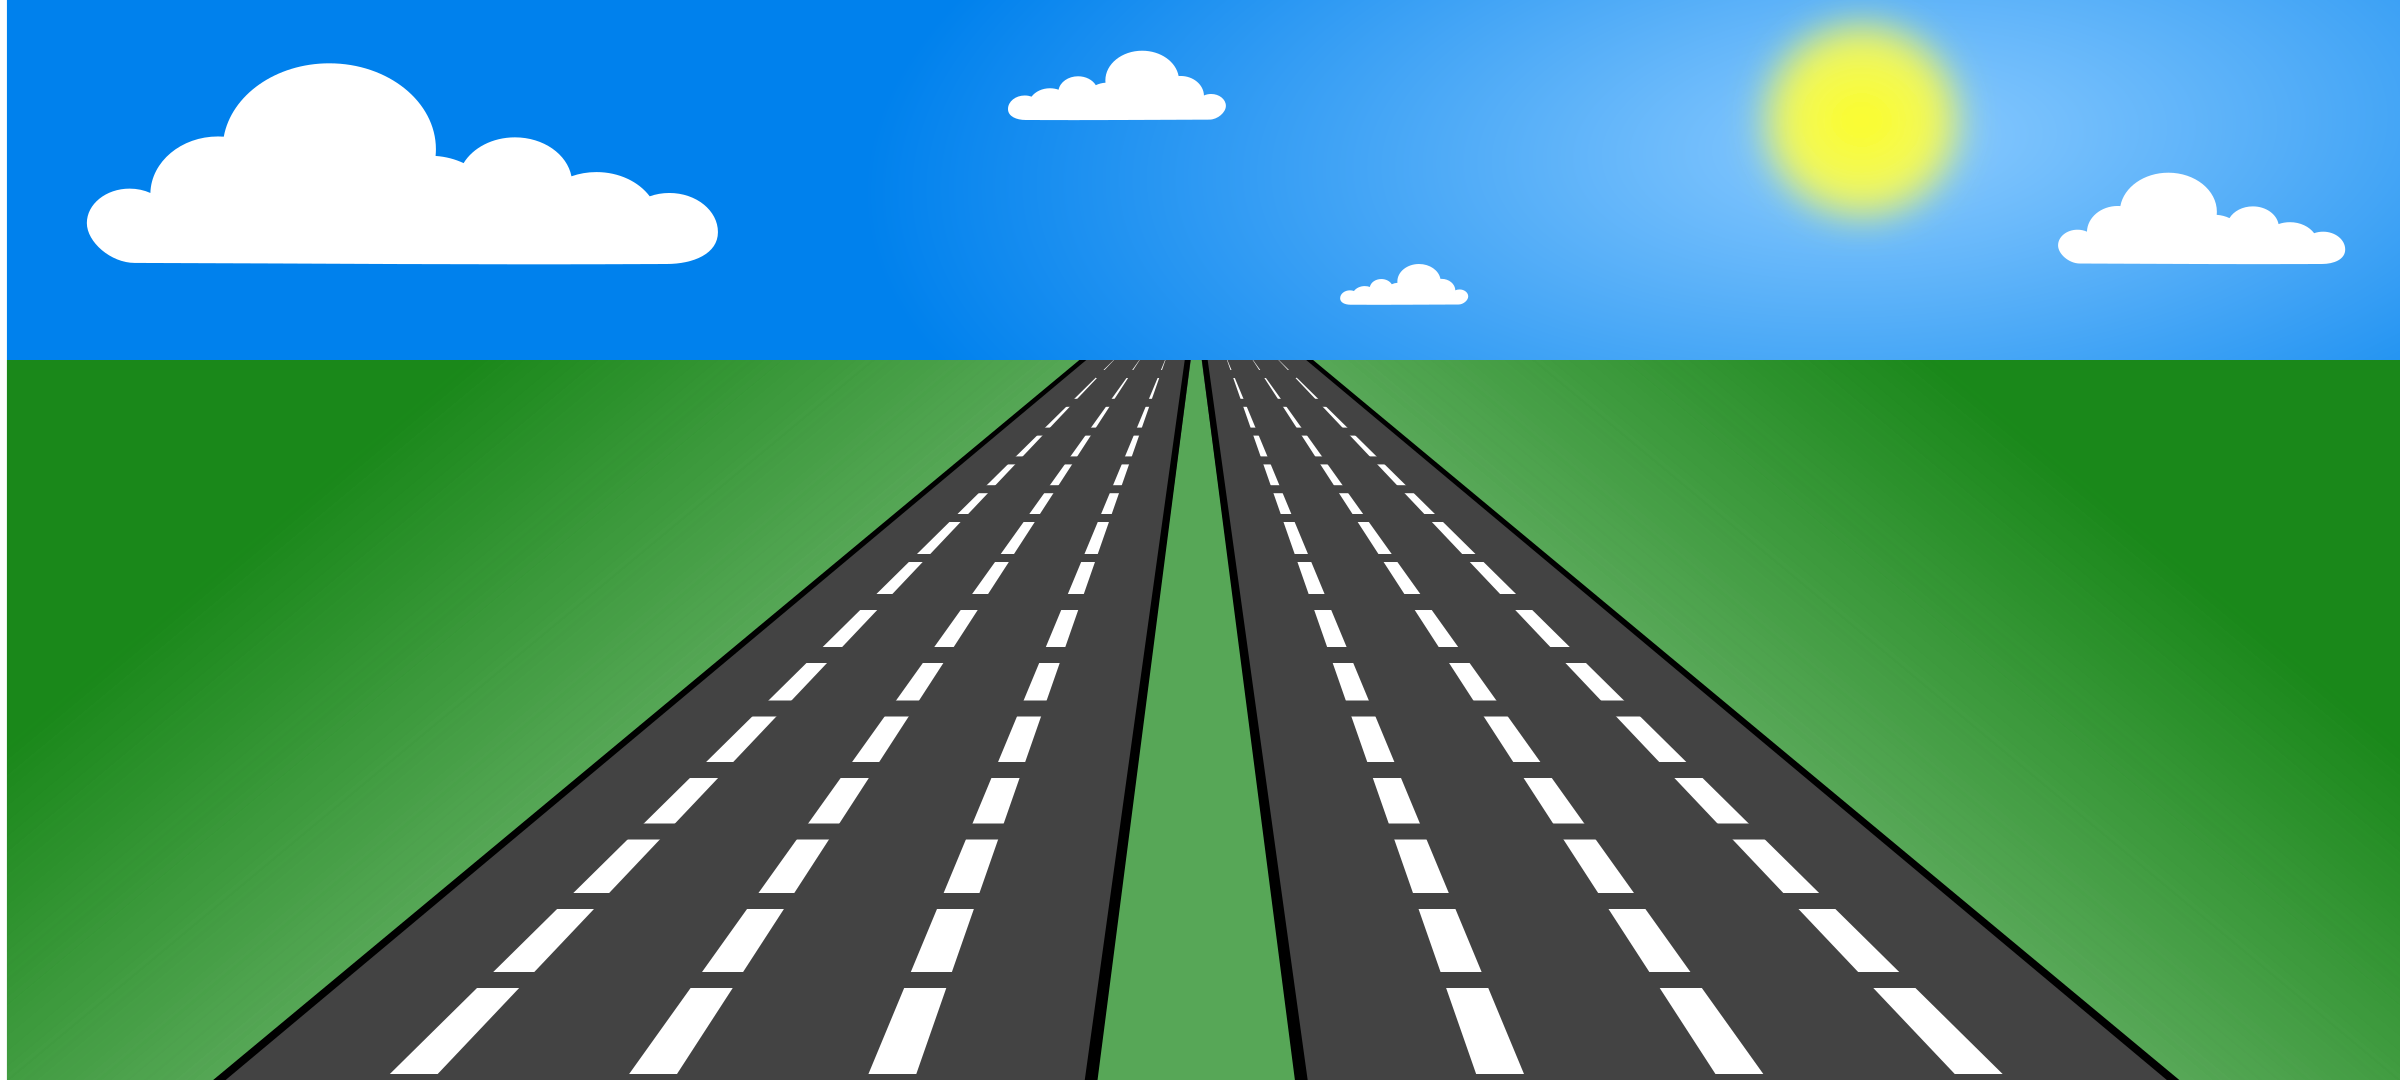 Road clipart open road #13